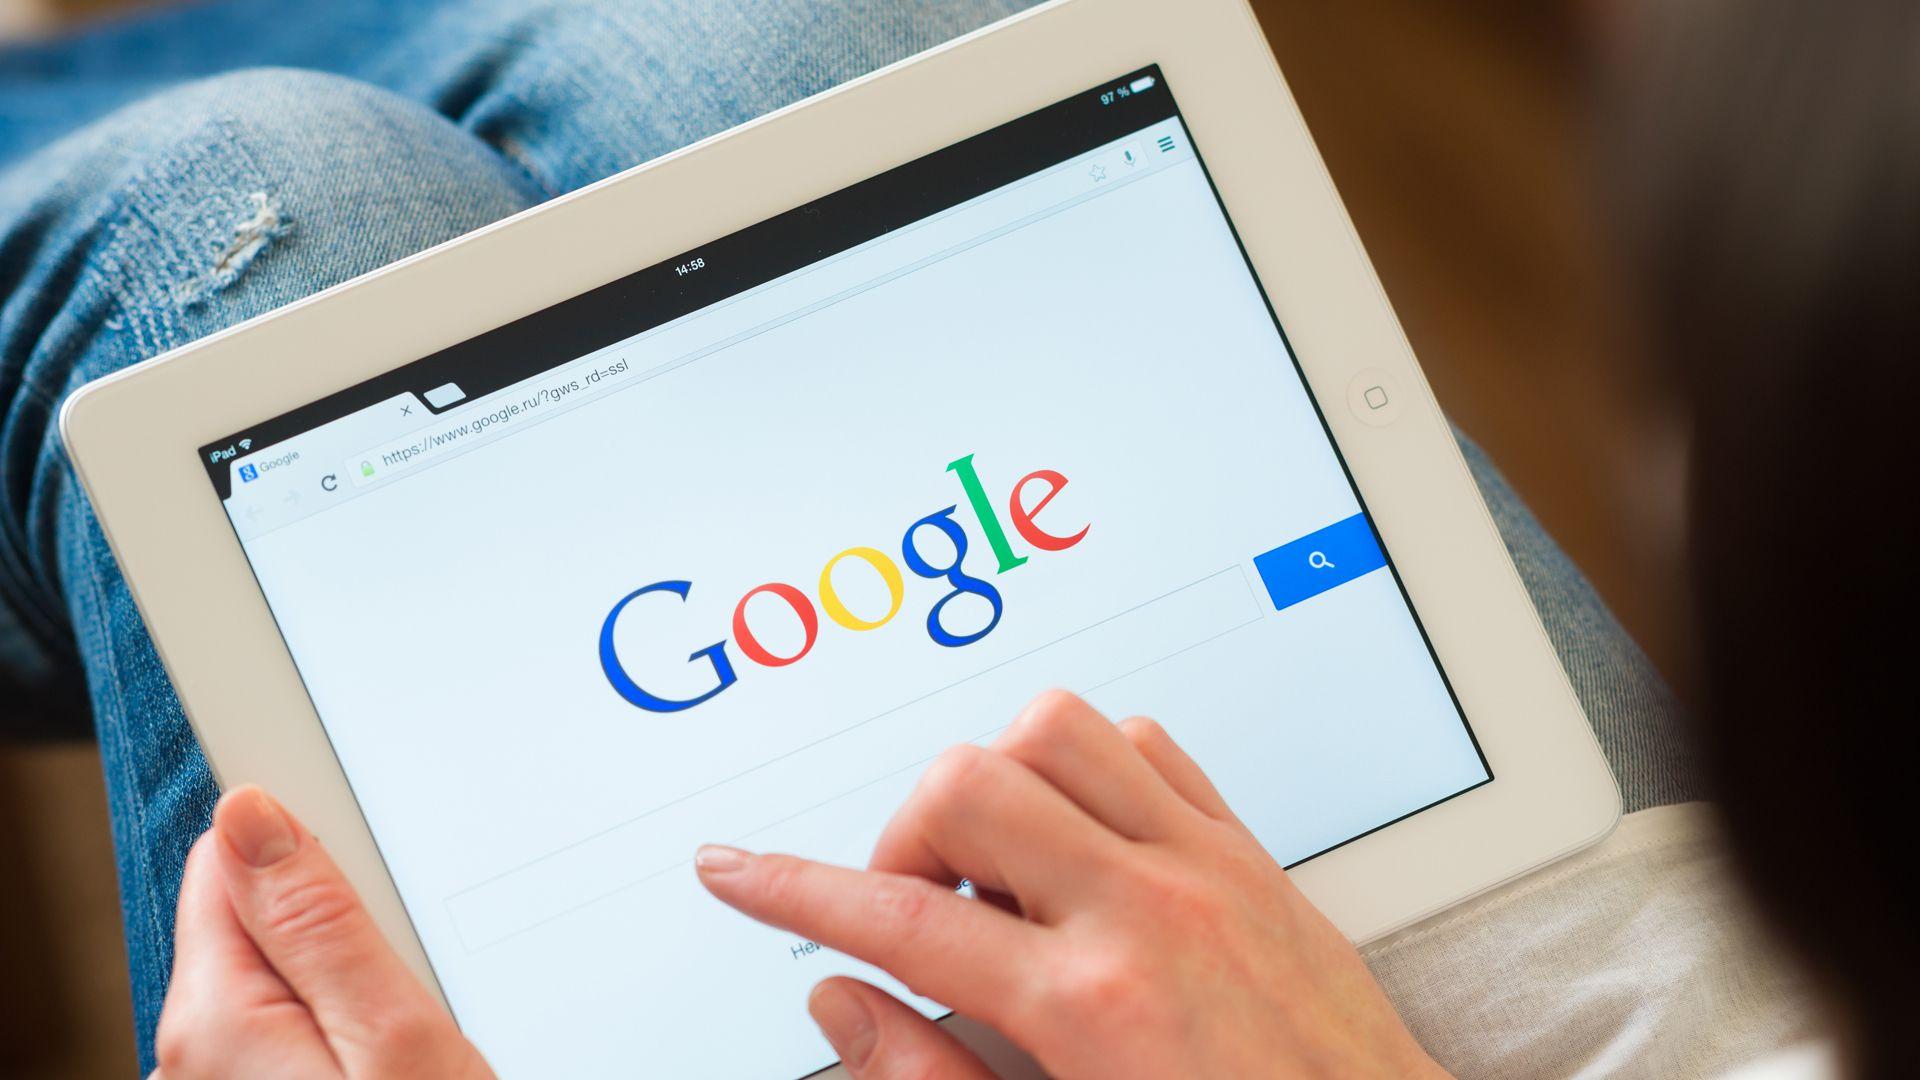 """Además, de cubrir las vulnerabilidades, la nueva versión de Google Chrome tiene interesantes funciones como el modo oscuro o el """"Password Checkup"""". (Foto: Shutterstock)"""